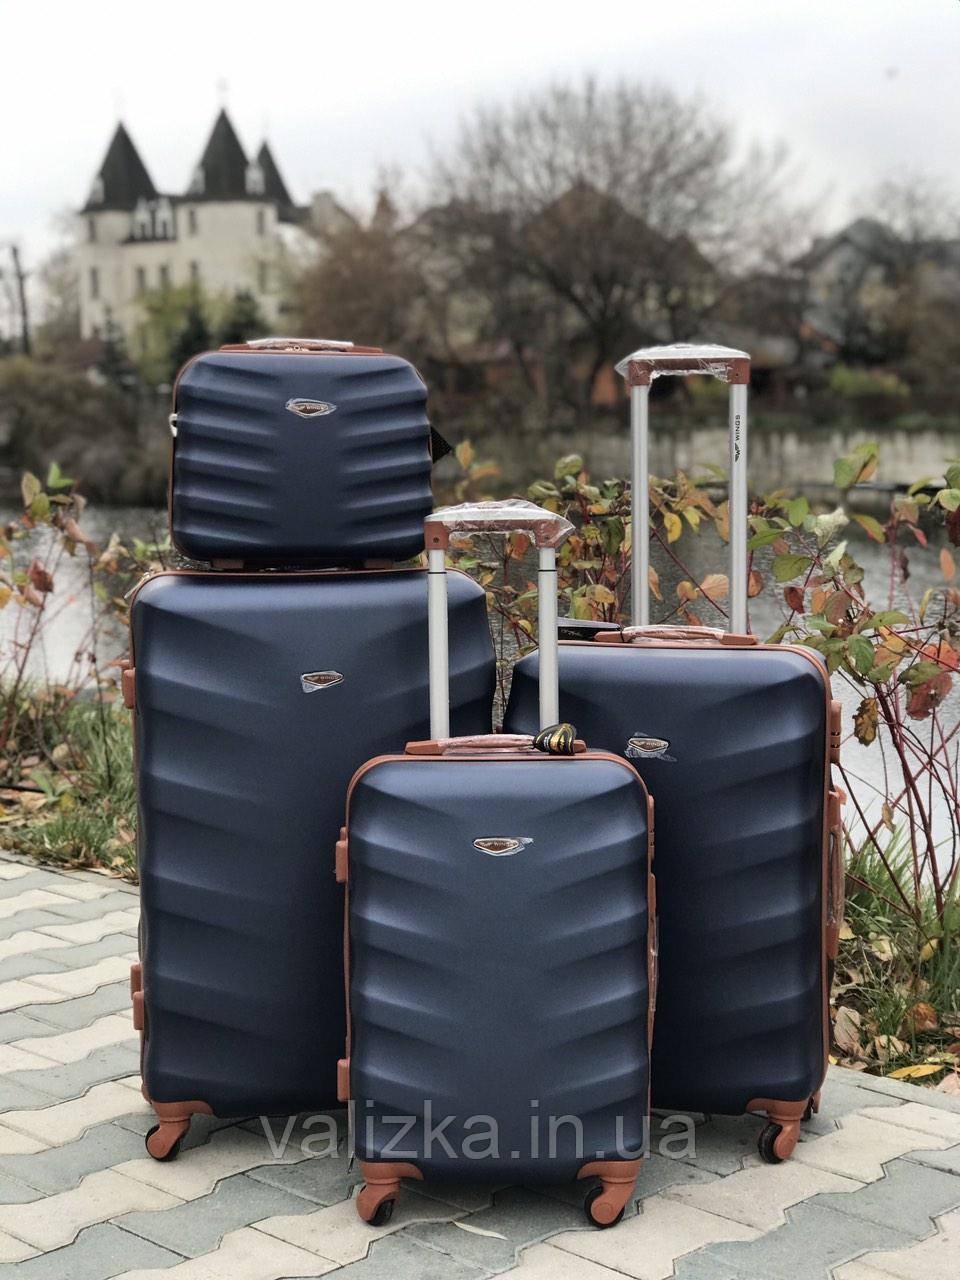 Комплект валіз пластикових 3 штуки малий, середній, великий Wings з кавової фурнітурою темно синій